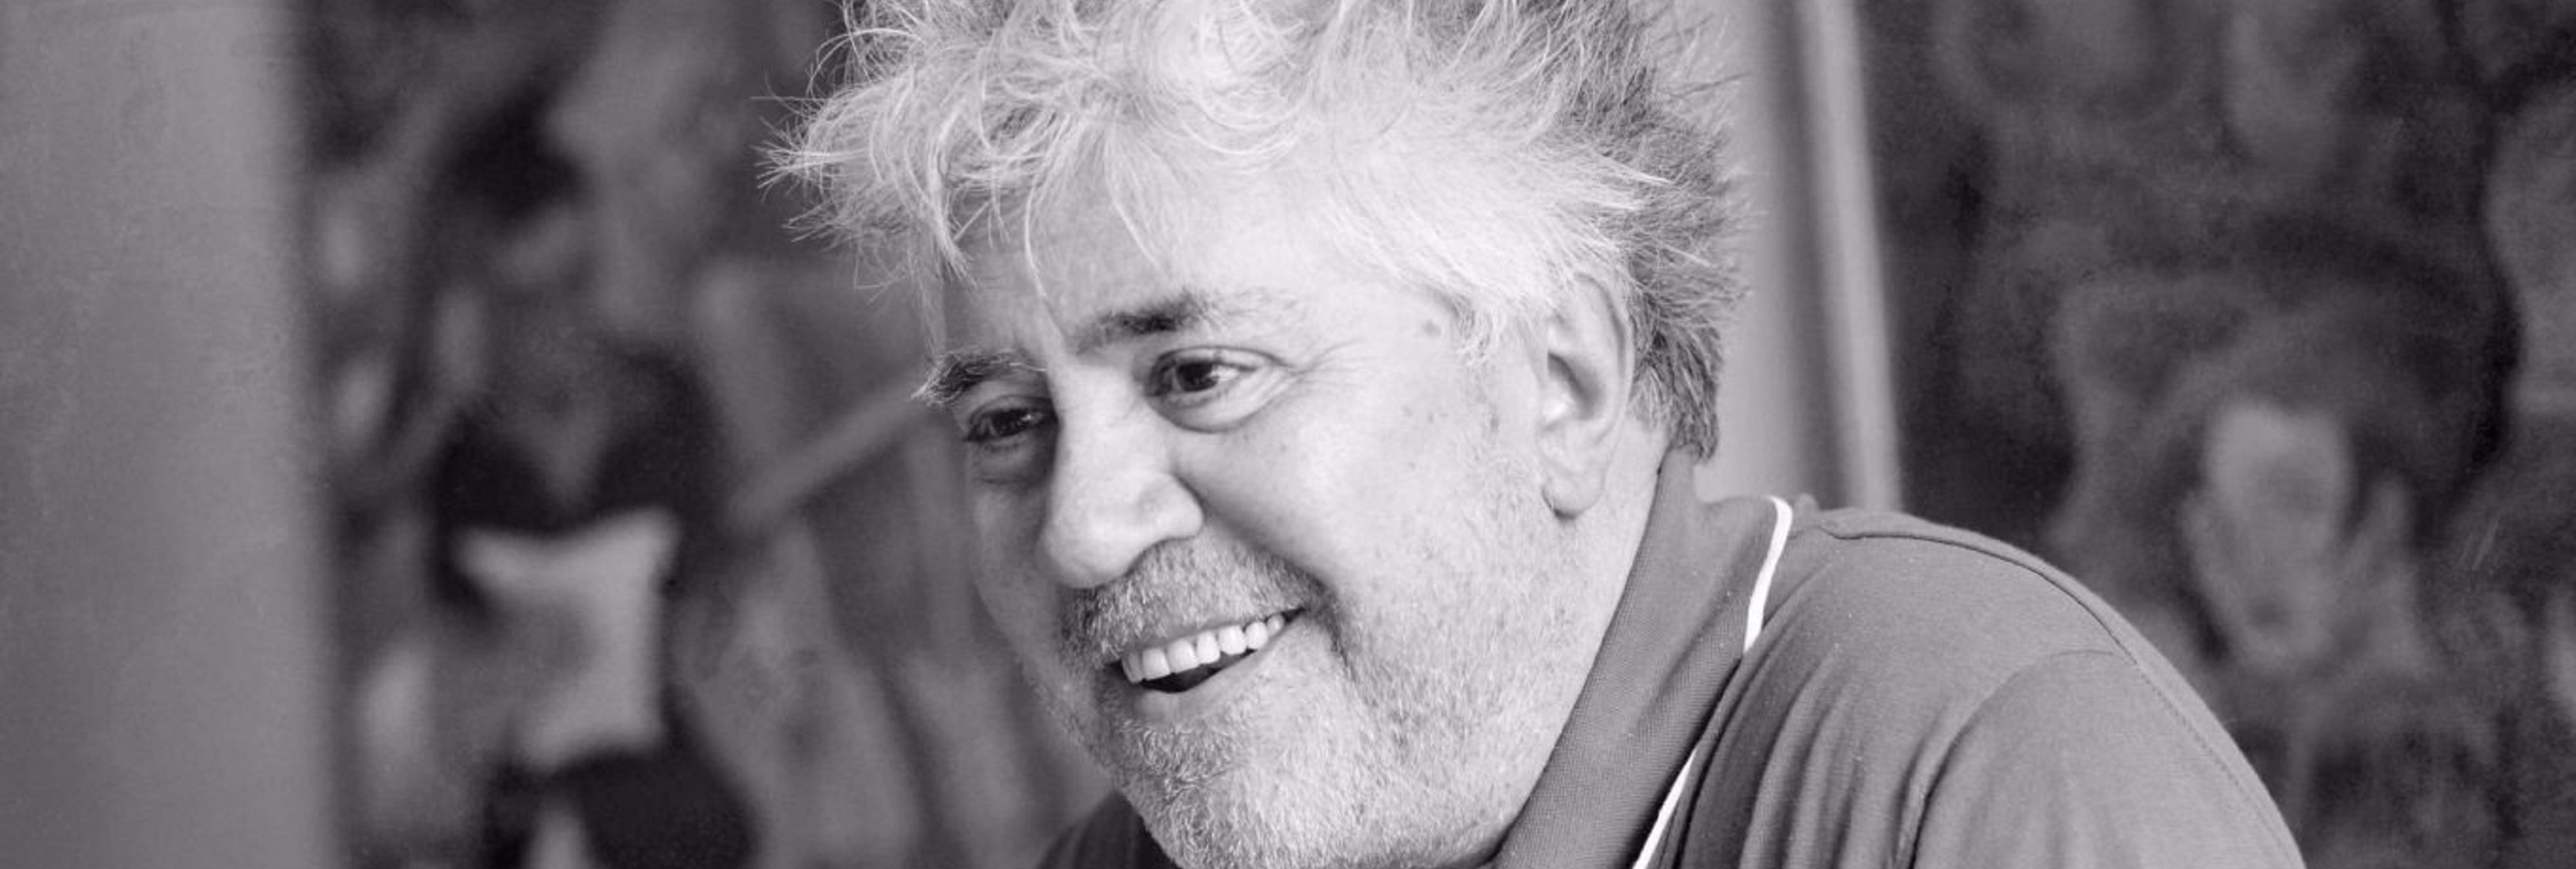 Todas las películas de Pedro Almodóvar, de peor a mejor